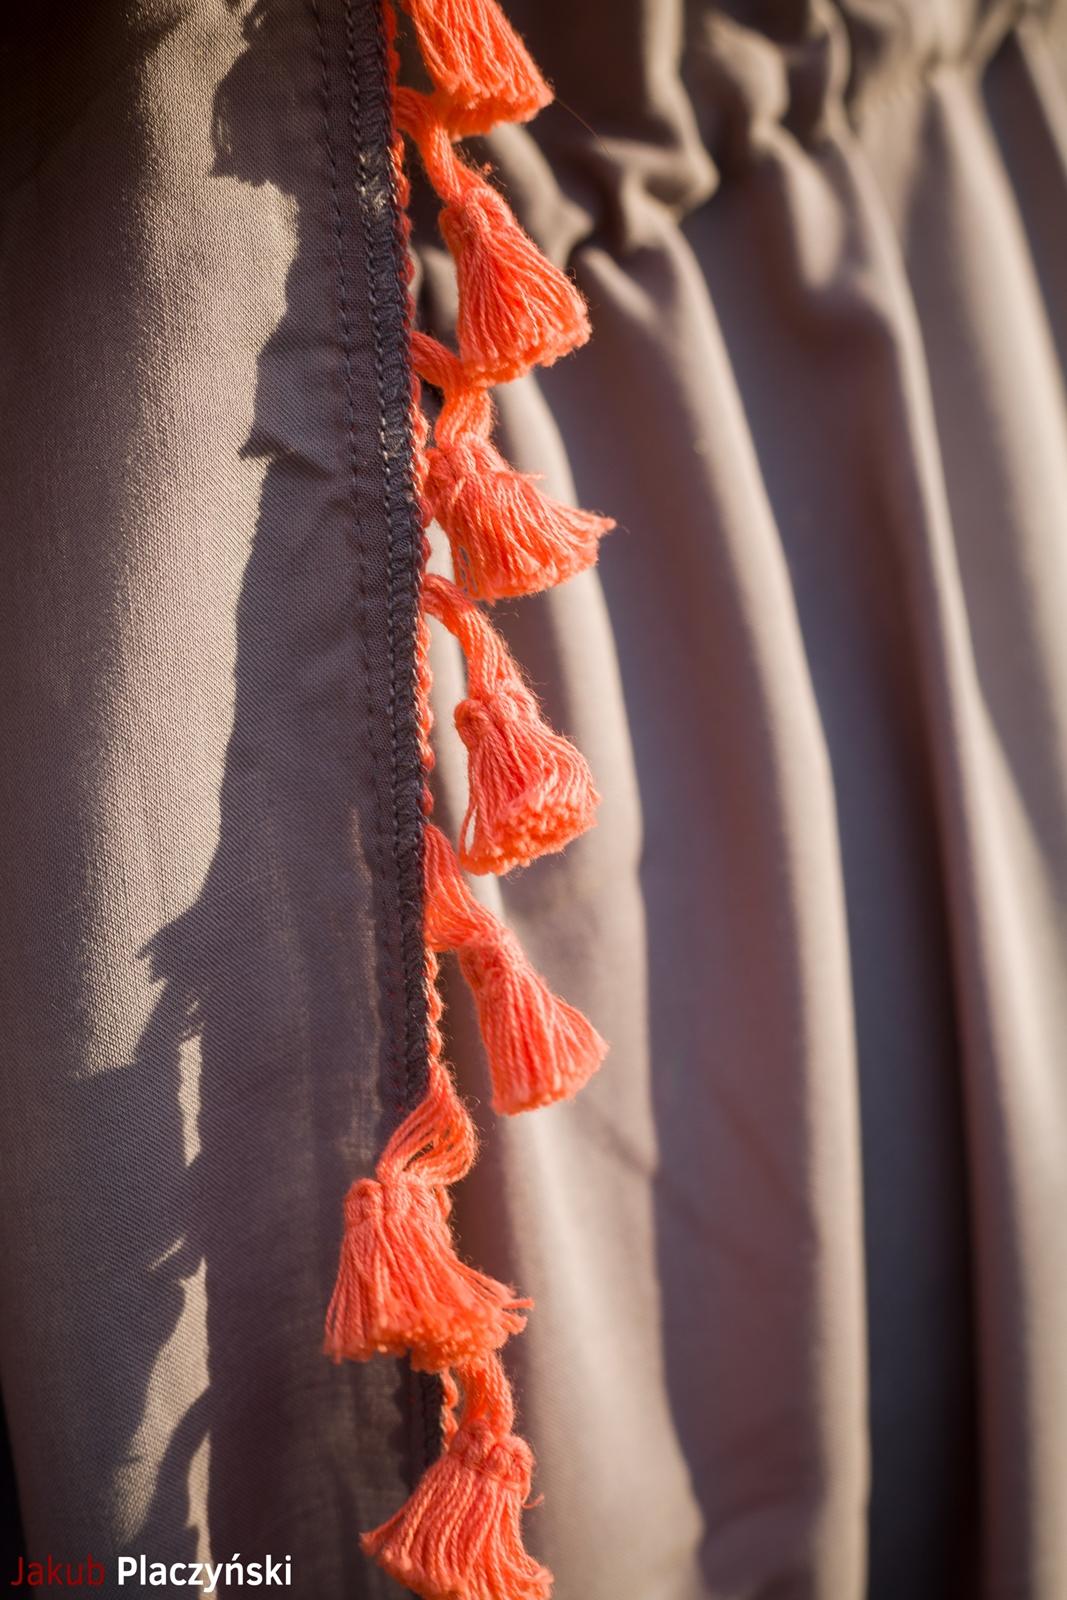 10 sukienka szara z frędzlami maxi na lato bonprix sukienki na wakacje bizuteria piotrowski kryształy svarowskiego letnia stylizacja melodylaniella sukienka dla wysokiej dziewczyny fashion moda